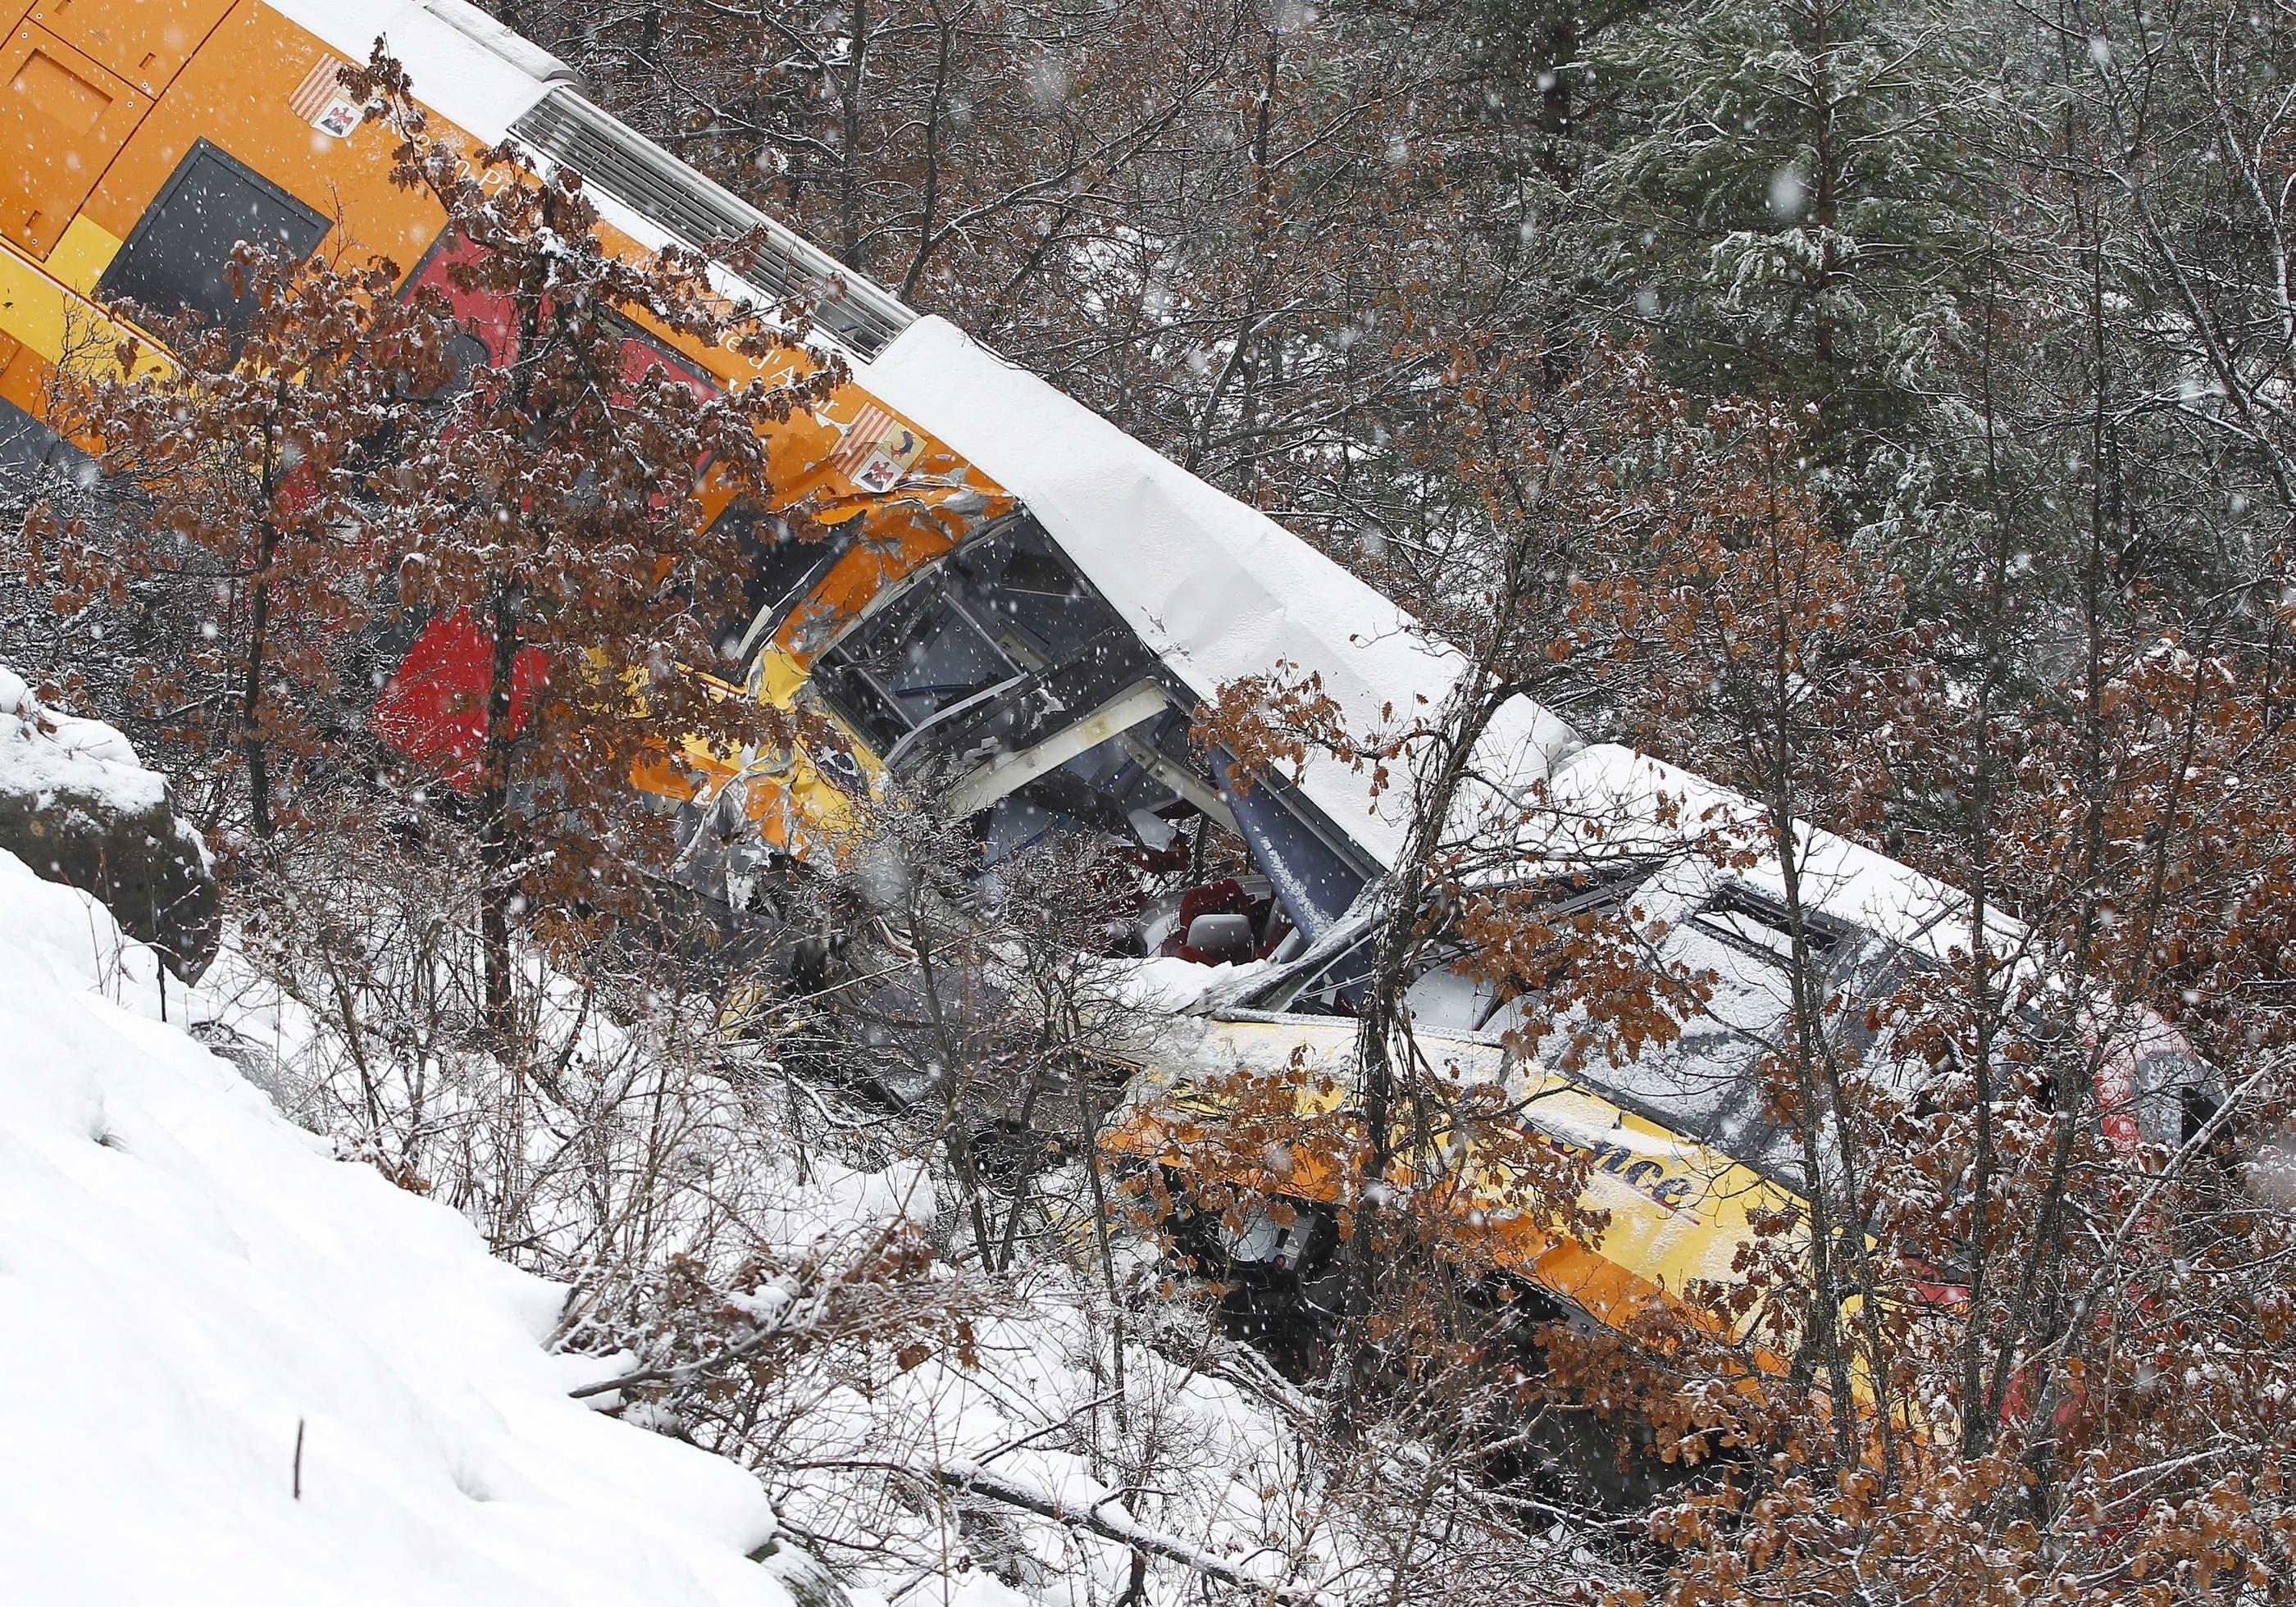 Mindestens zwei Personen kamen bei dem Unfall ums Leben